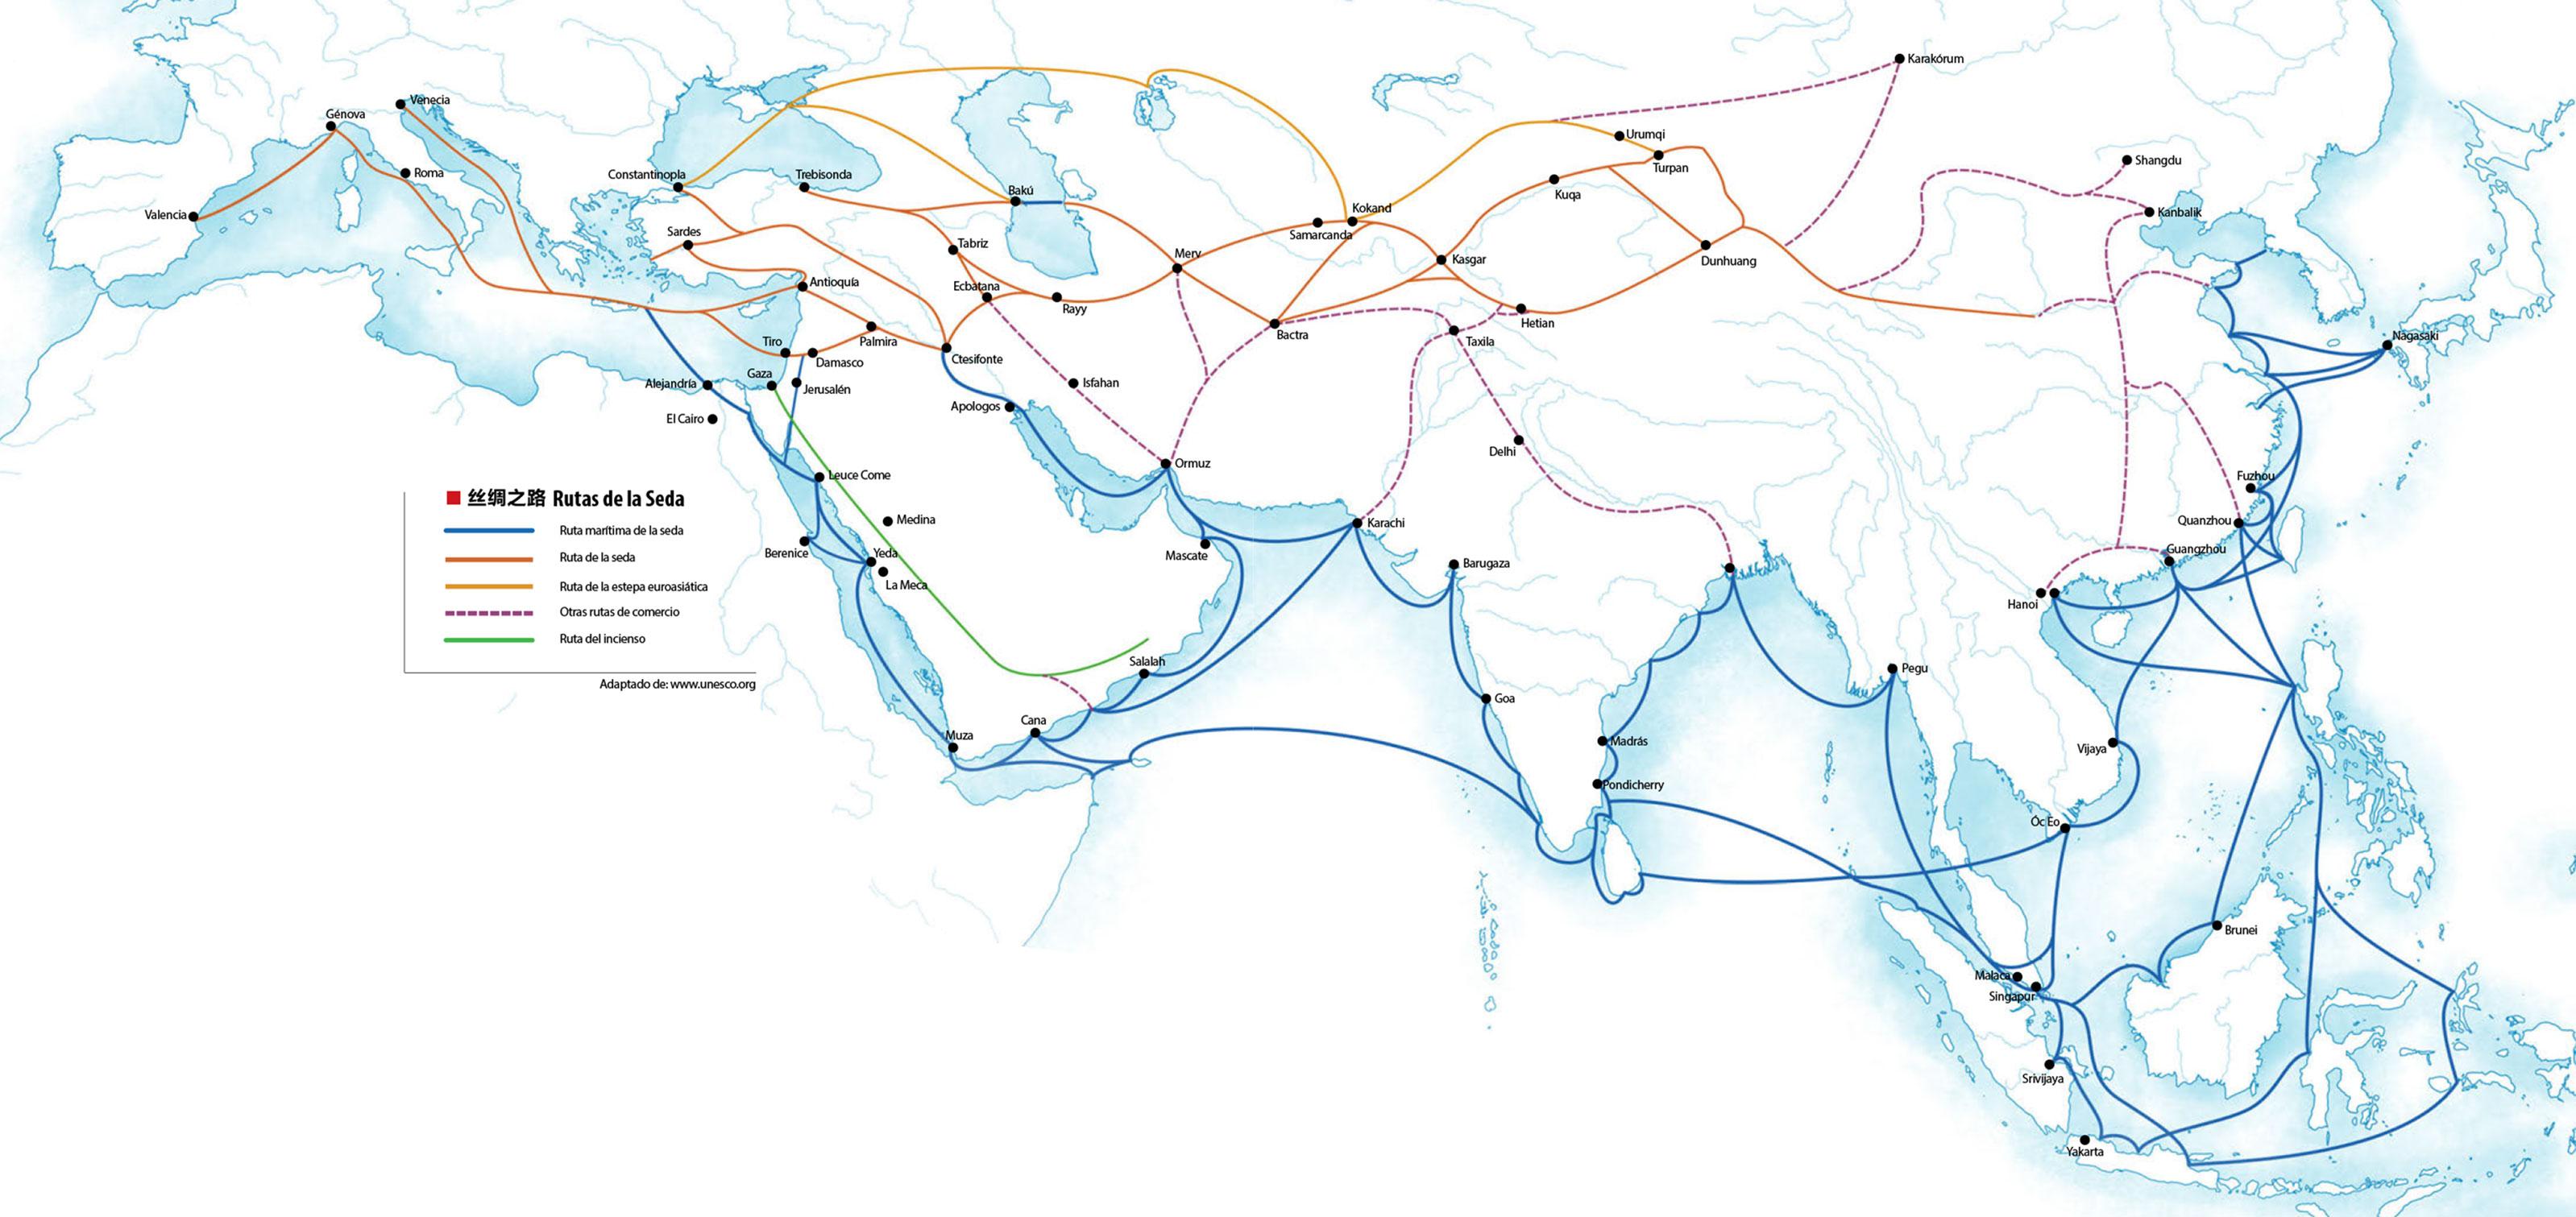 rutas marítimas chinas